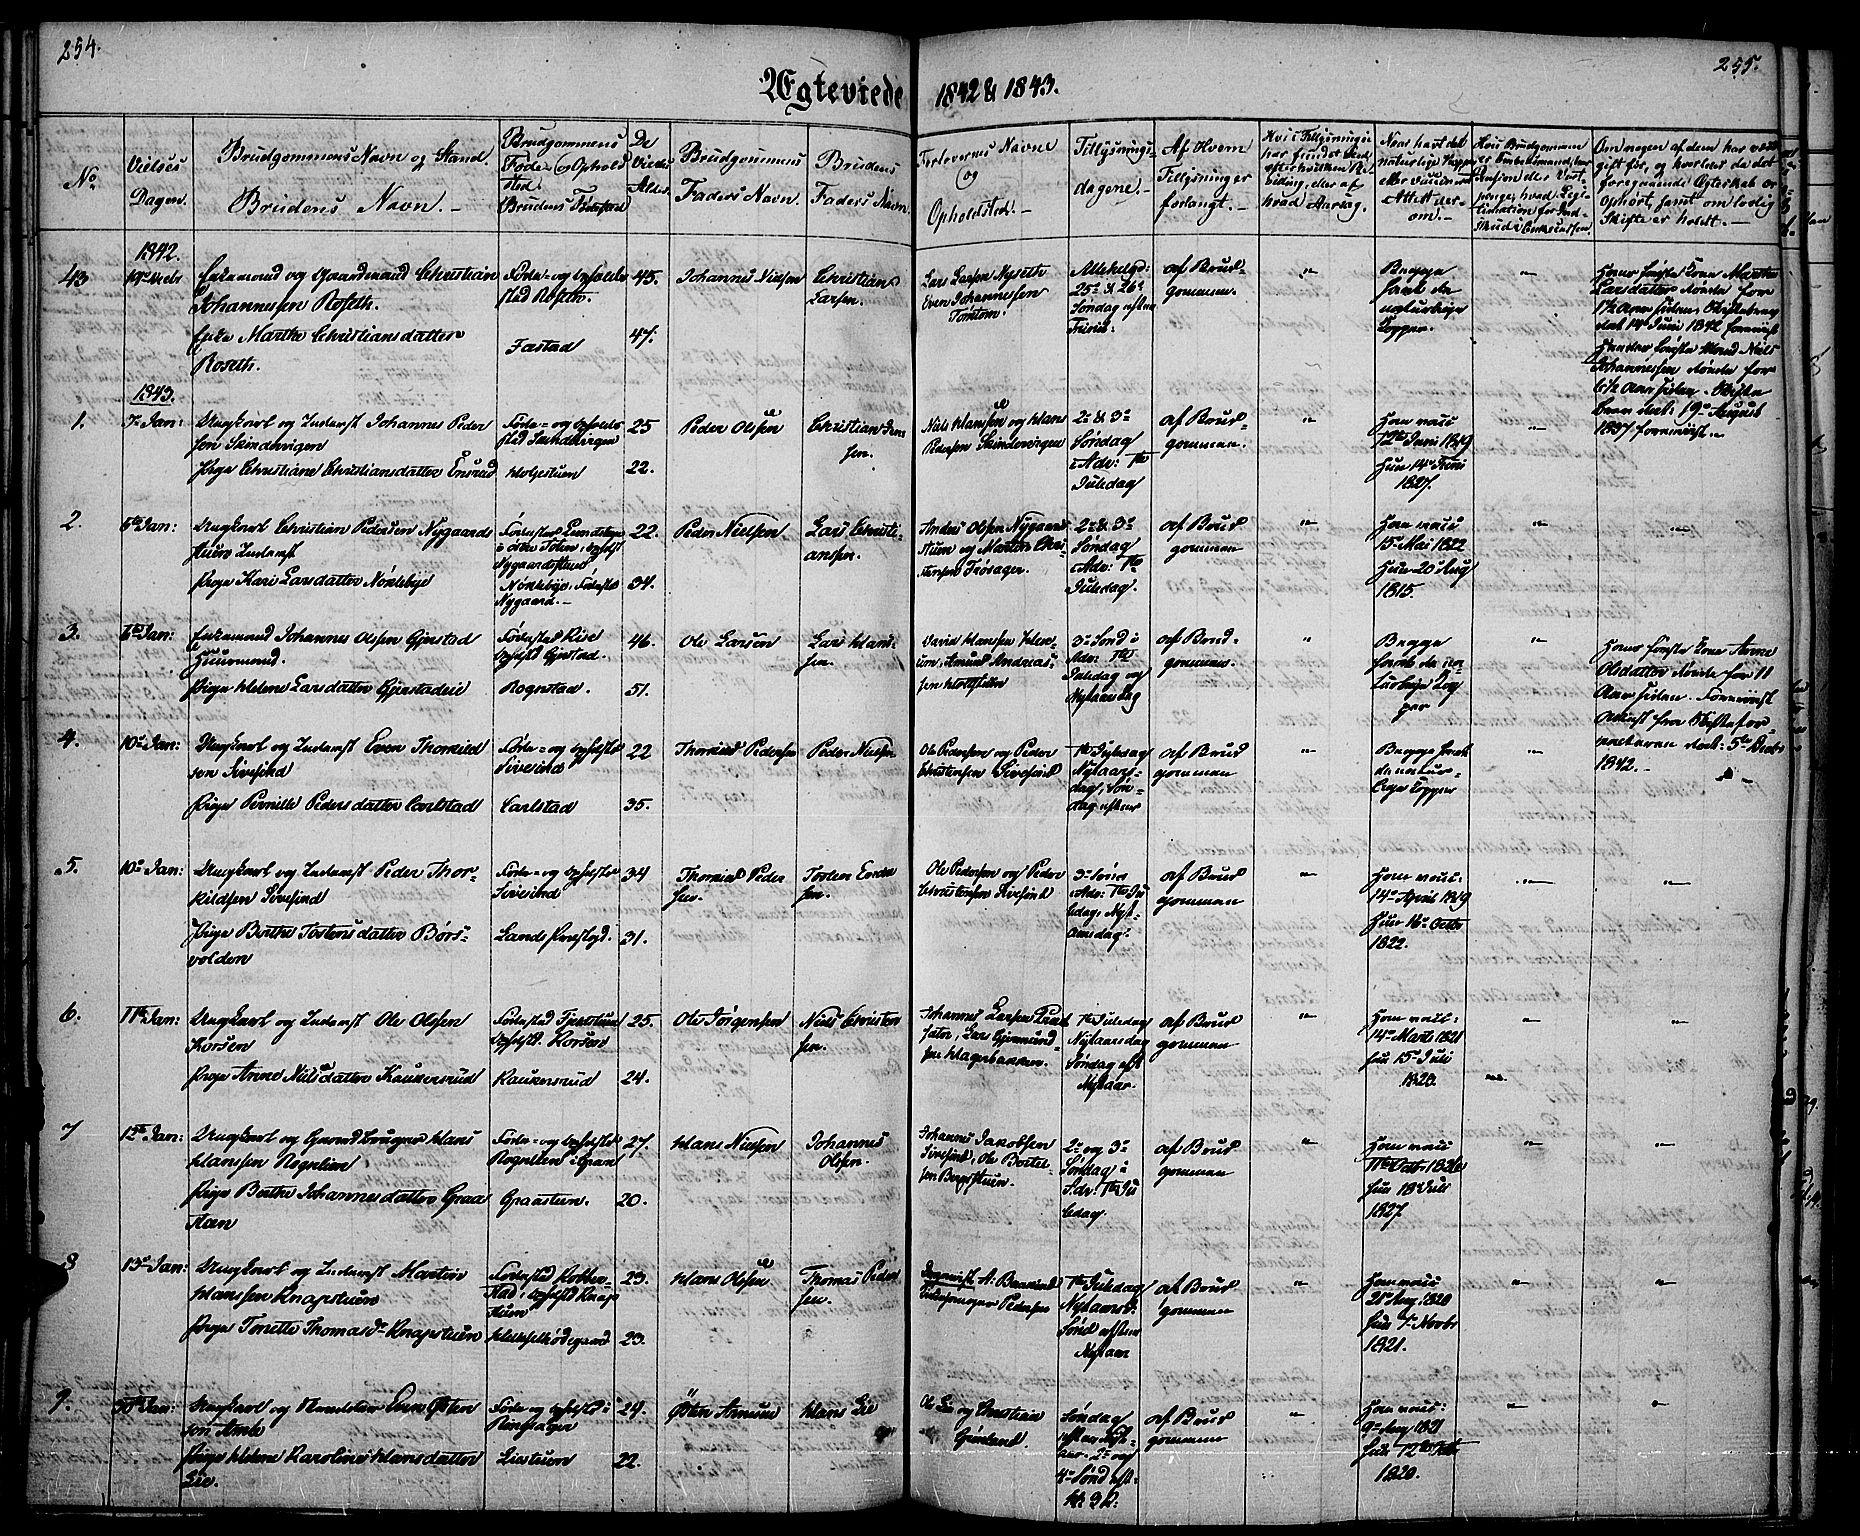 SAH, Vestre Toten prestekontor, Ministerialbok nr. 3, 1836-1843, s. 254-255